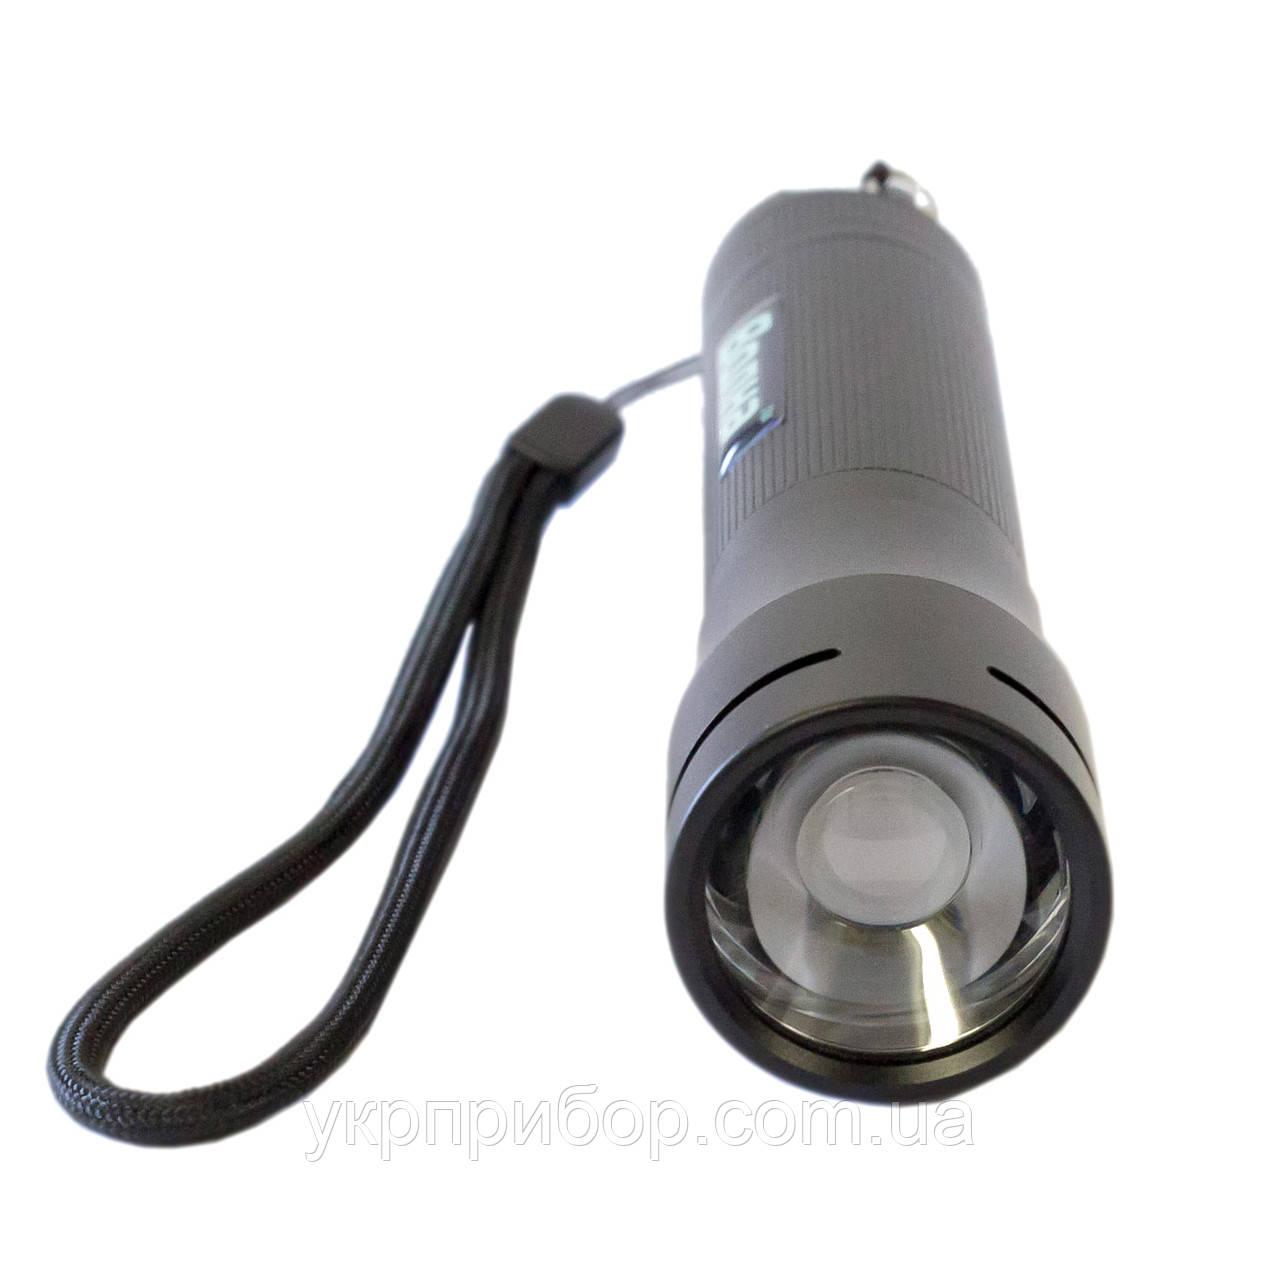 ВОЛНА-УФ365 портативный ультрафиолетовый фонарь с фокусирующей линзой